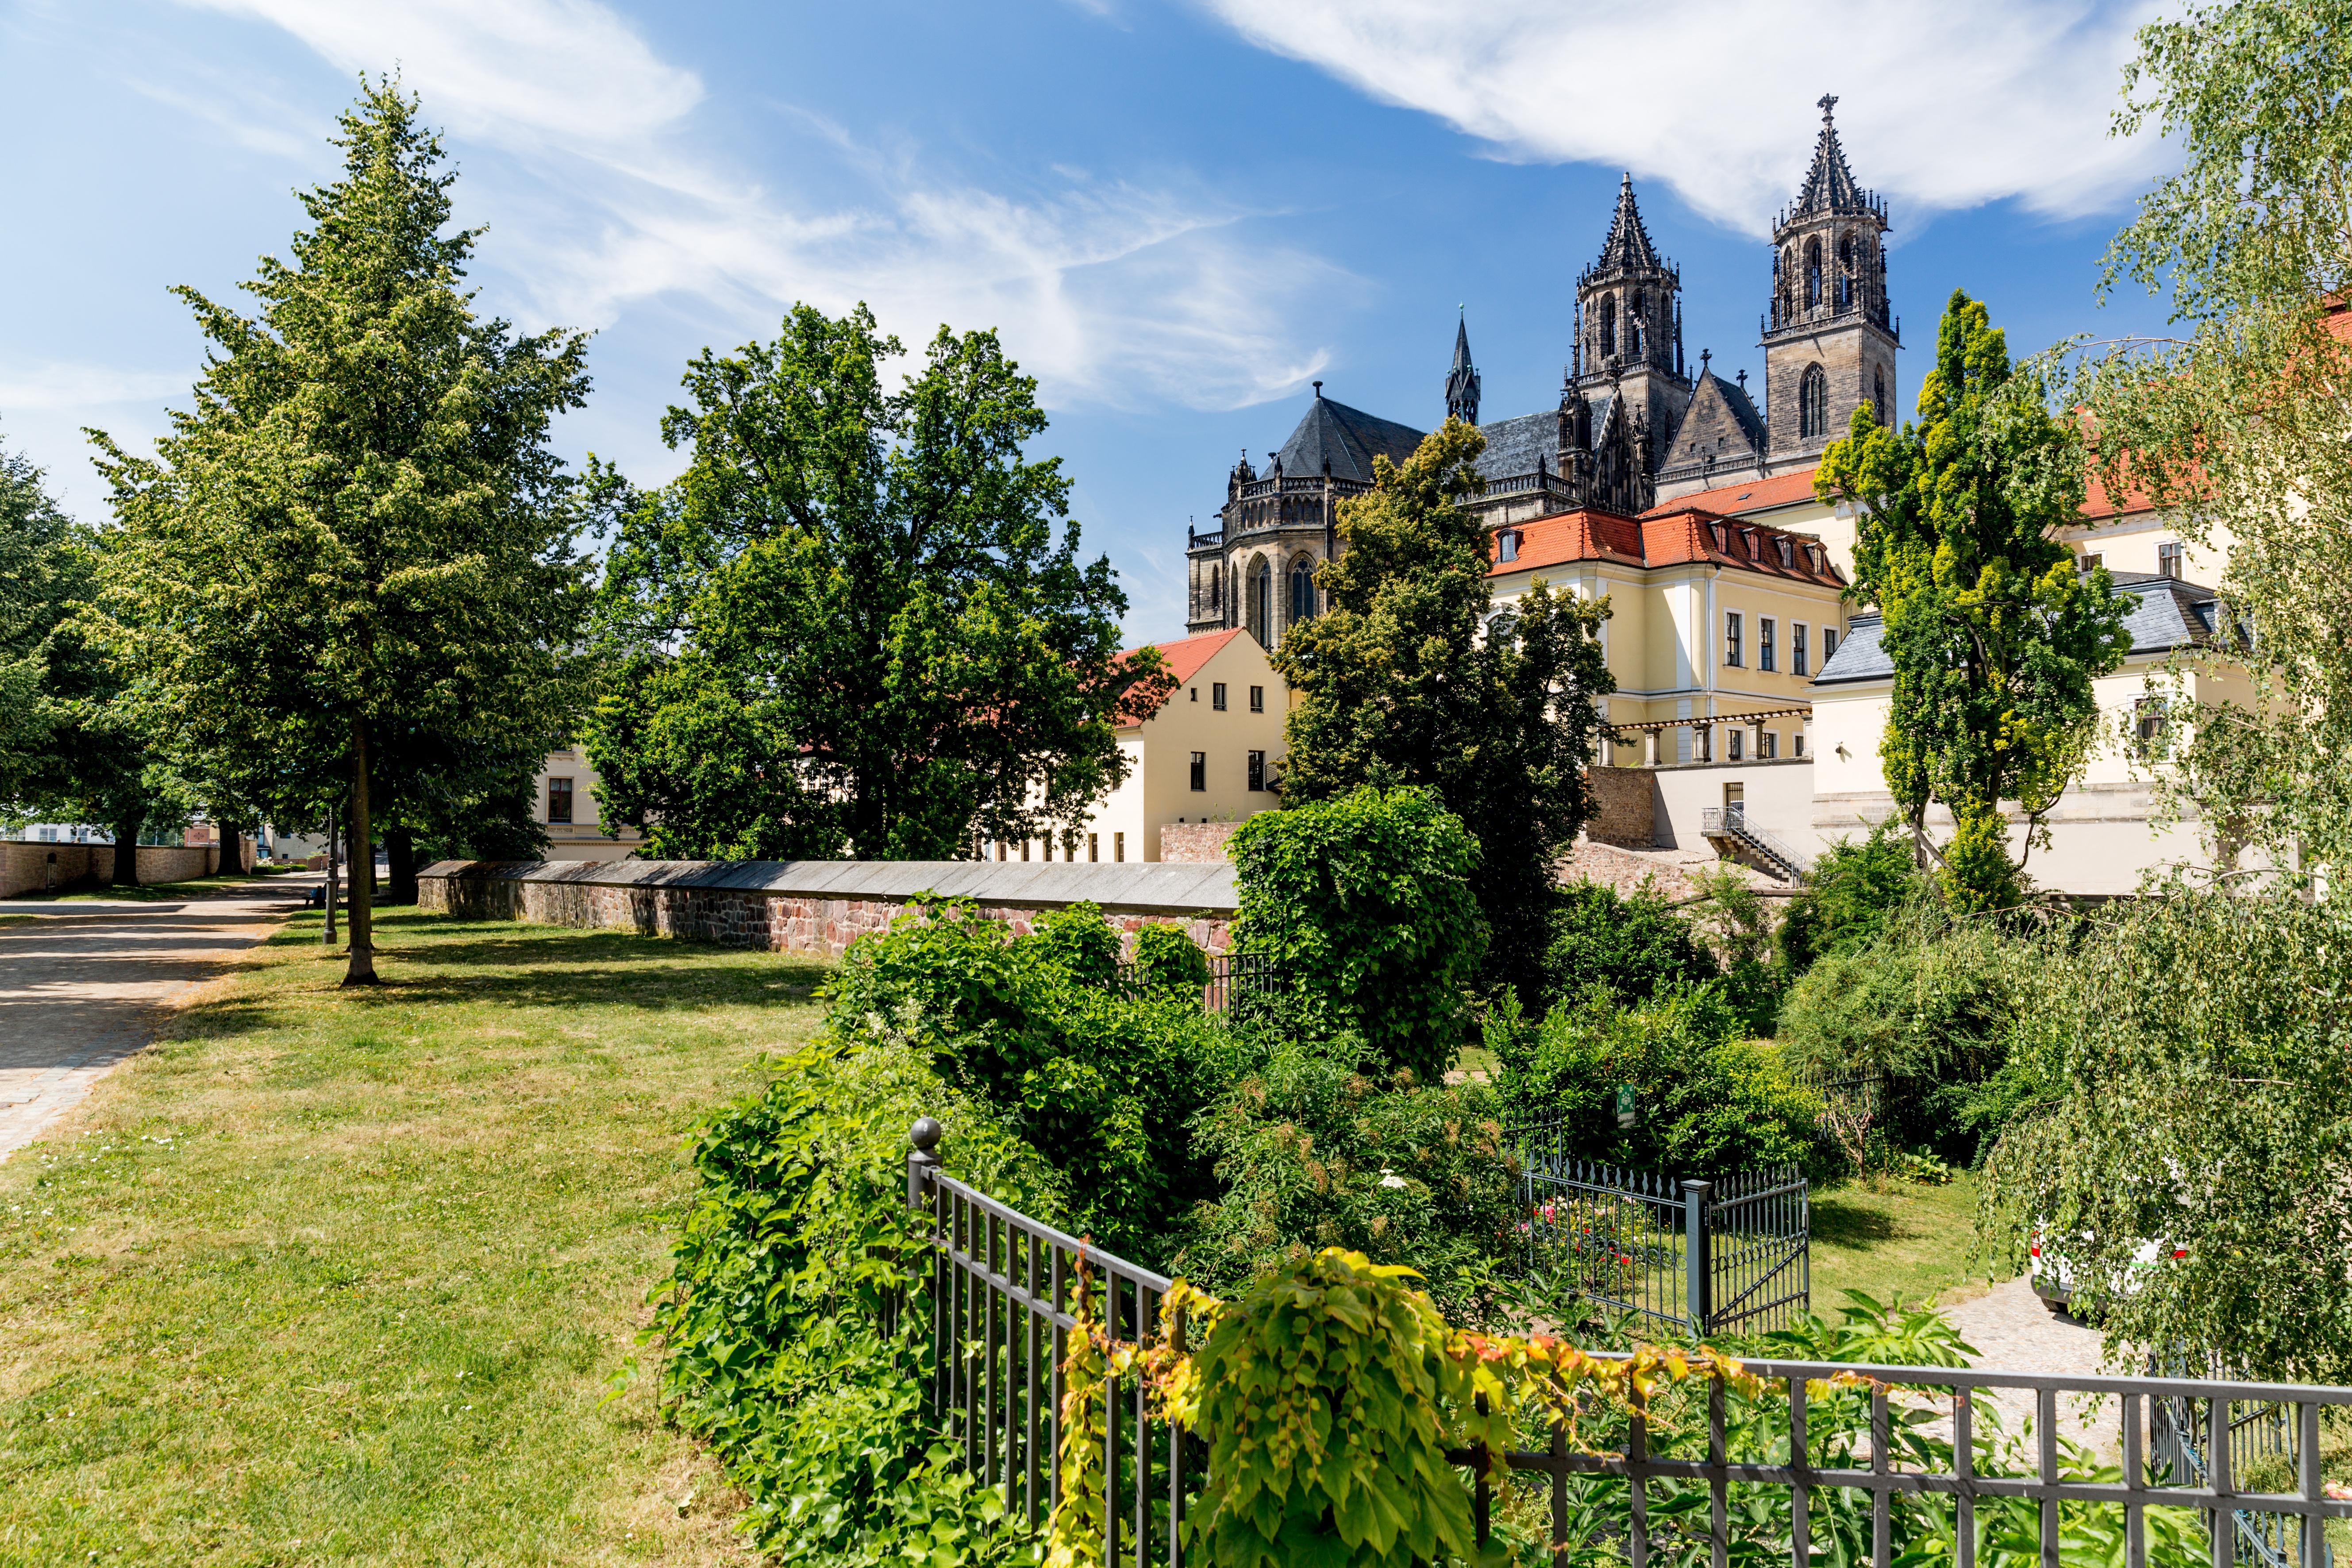 Stadtrundgang auf dem Fürstenwall mit Blick zum Magdeburger Dom